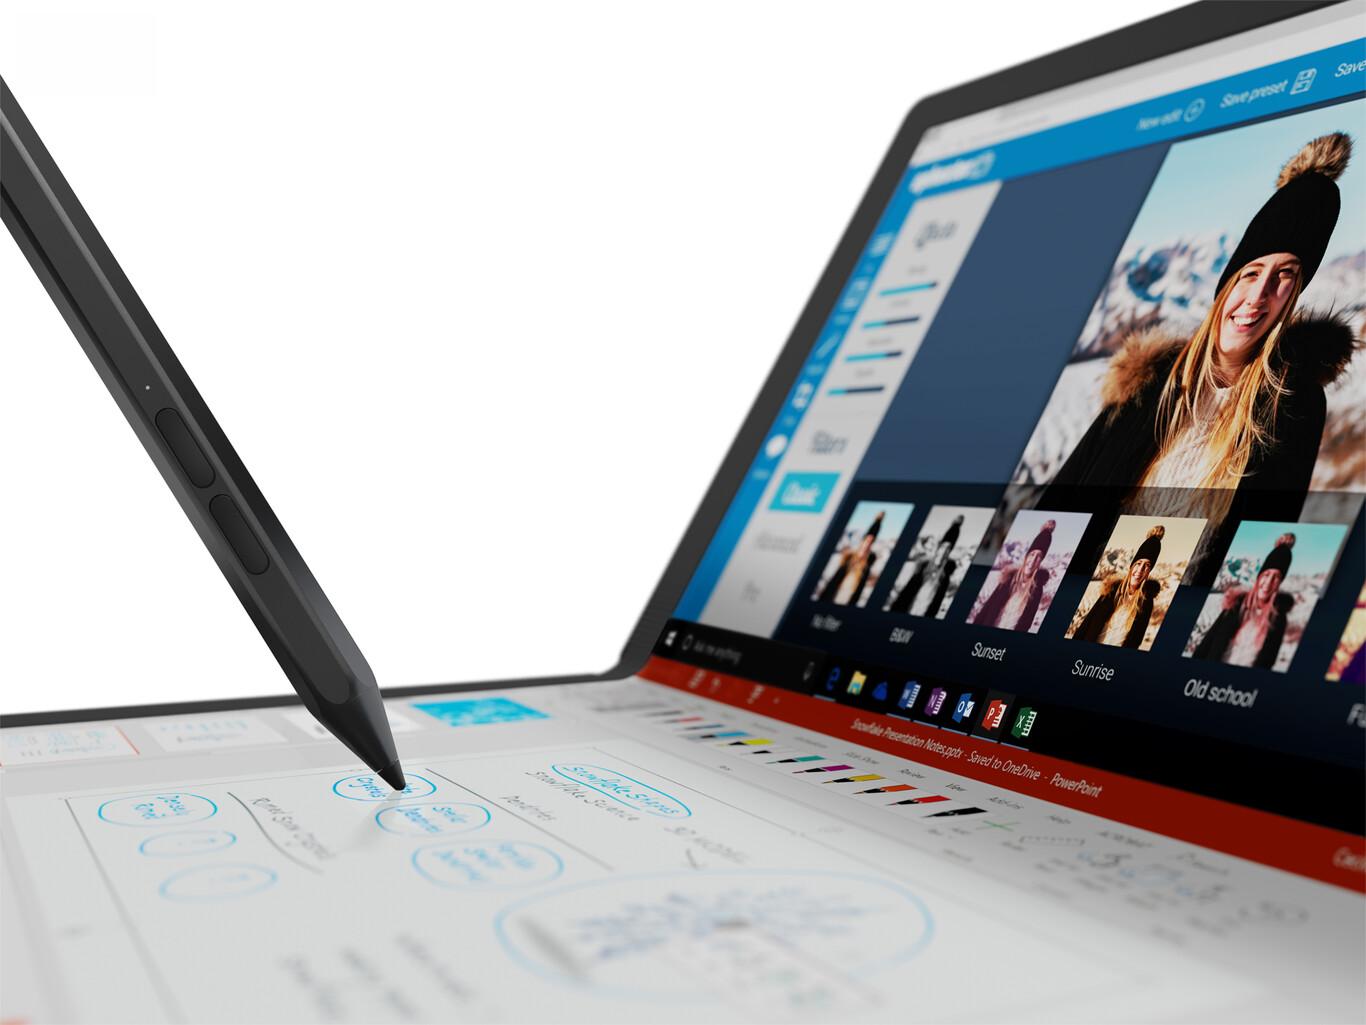 Lenovo ThinkPad X1 Fold: el primer portátil con pantalla flexible de la historia llega decidido a romper esquemas por su versatilidad